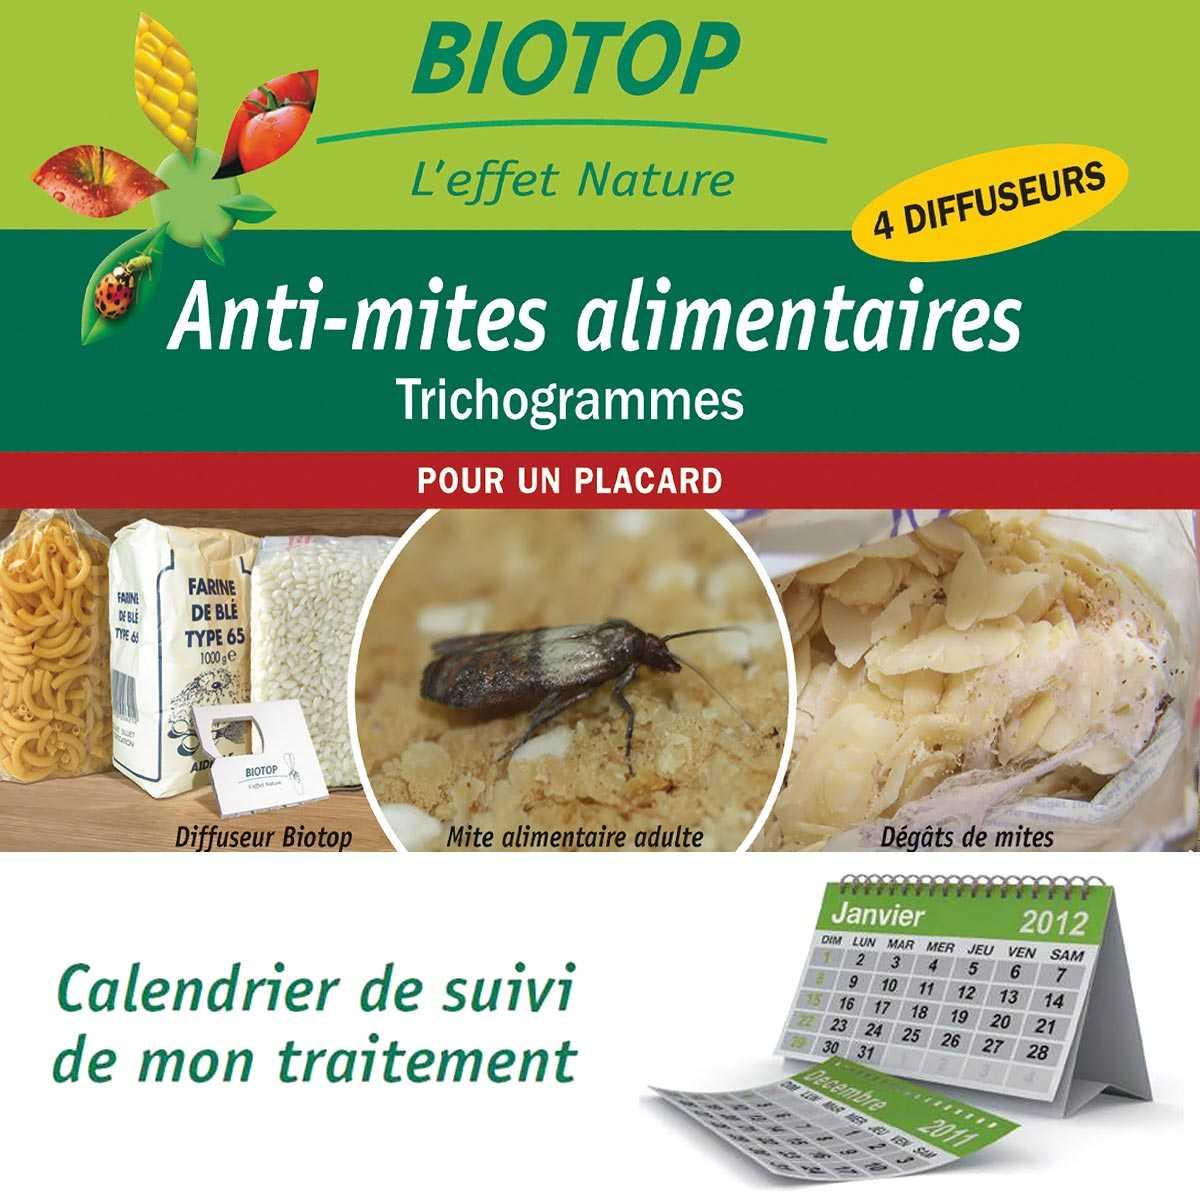 Comment Traiter Les Mites Dans Les Armoires trichogrammes, anti mites alimentaires - 1 boite (4 semaines)